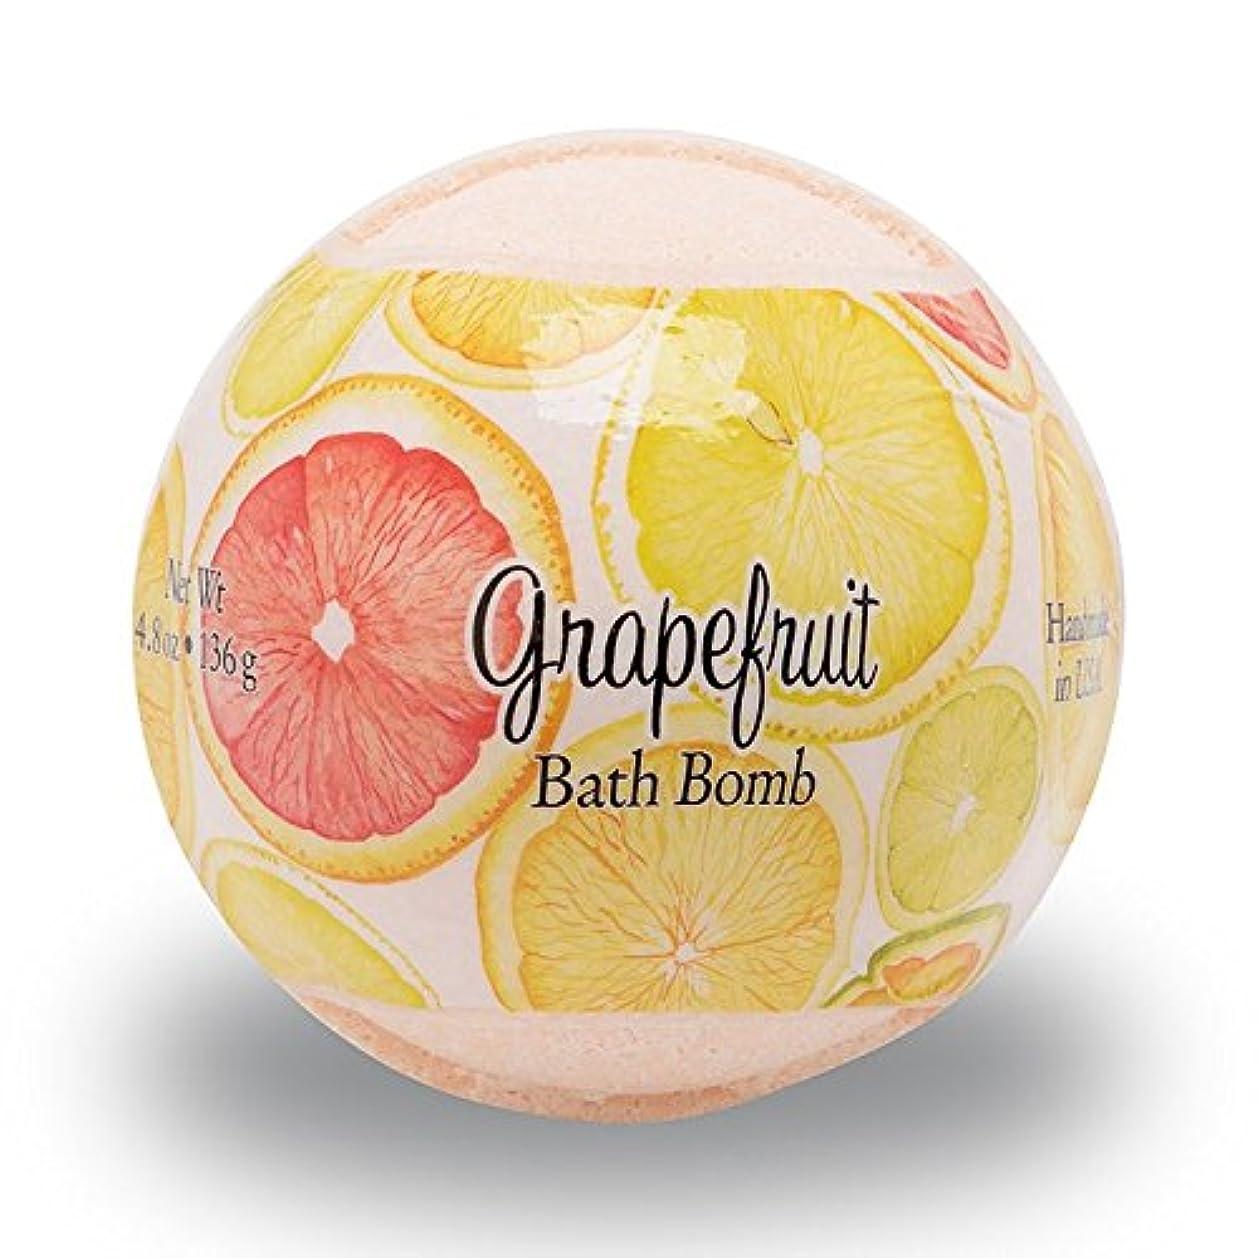 反動ブラシマニュアルプライモールエレメンツ バスボム/グレープフルーツ 136g シアバターとココナツ&アルガンオイル配合のお肌に潤いを与える発泡性入浴剤